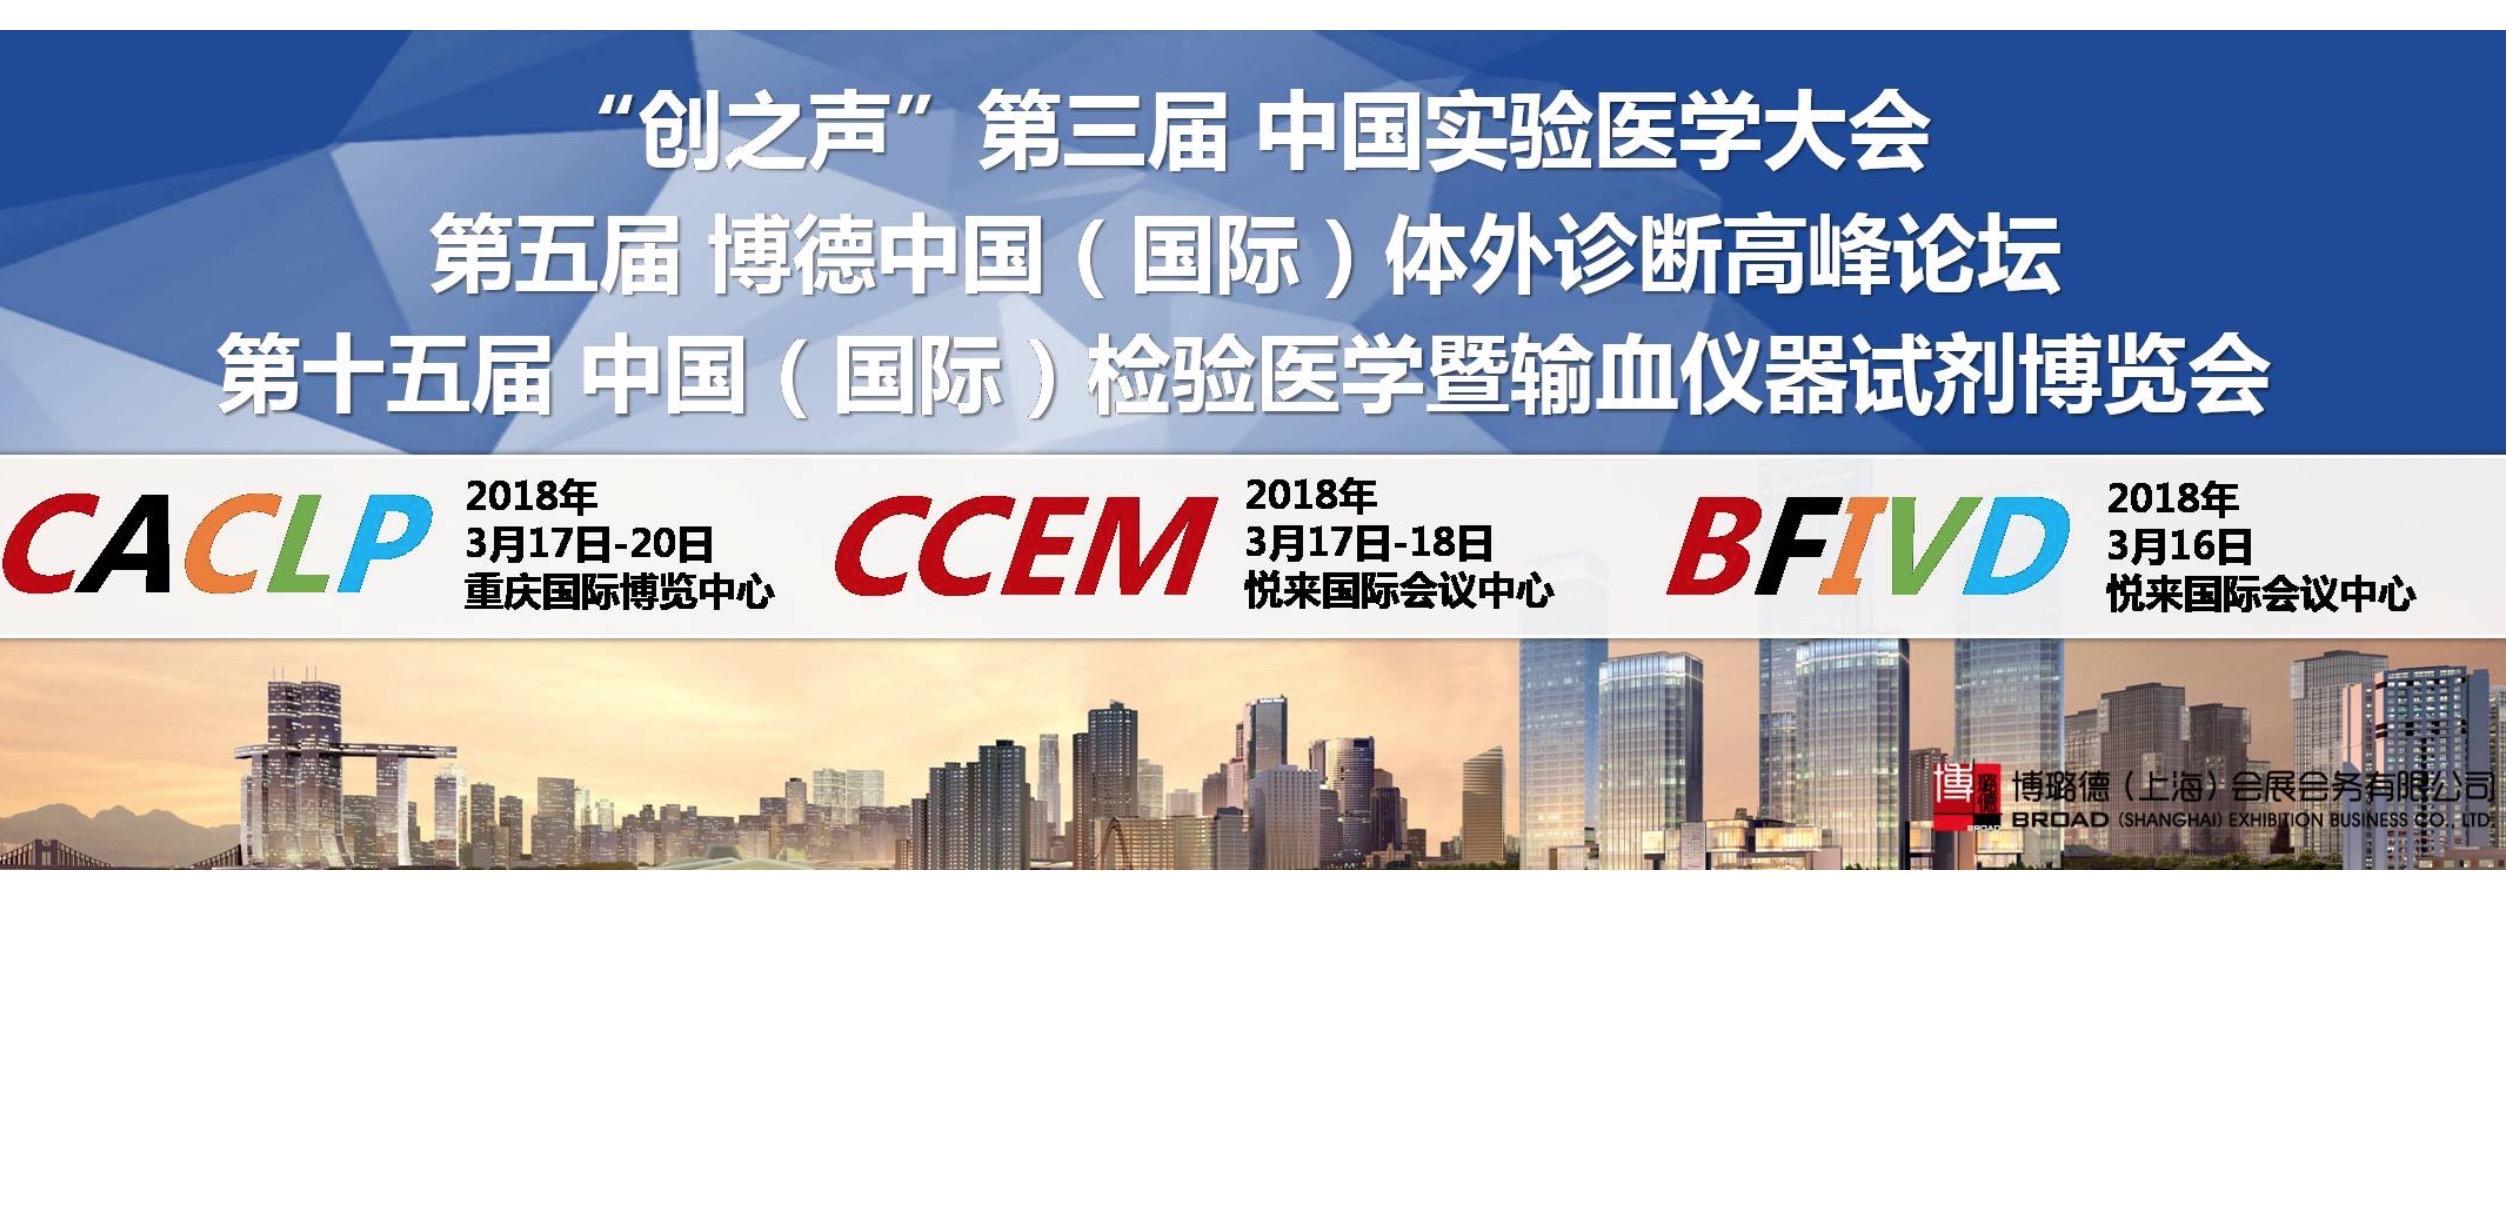 不容错过的IVD行业盛宴——2018CACLP EXPO(重庆)